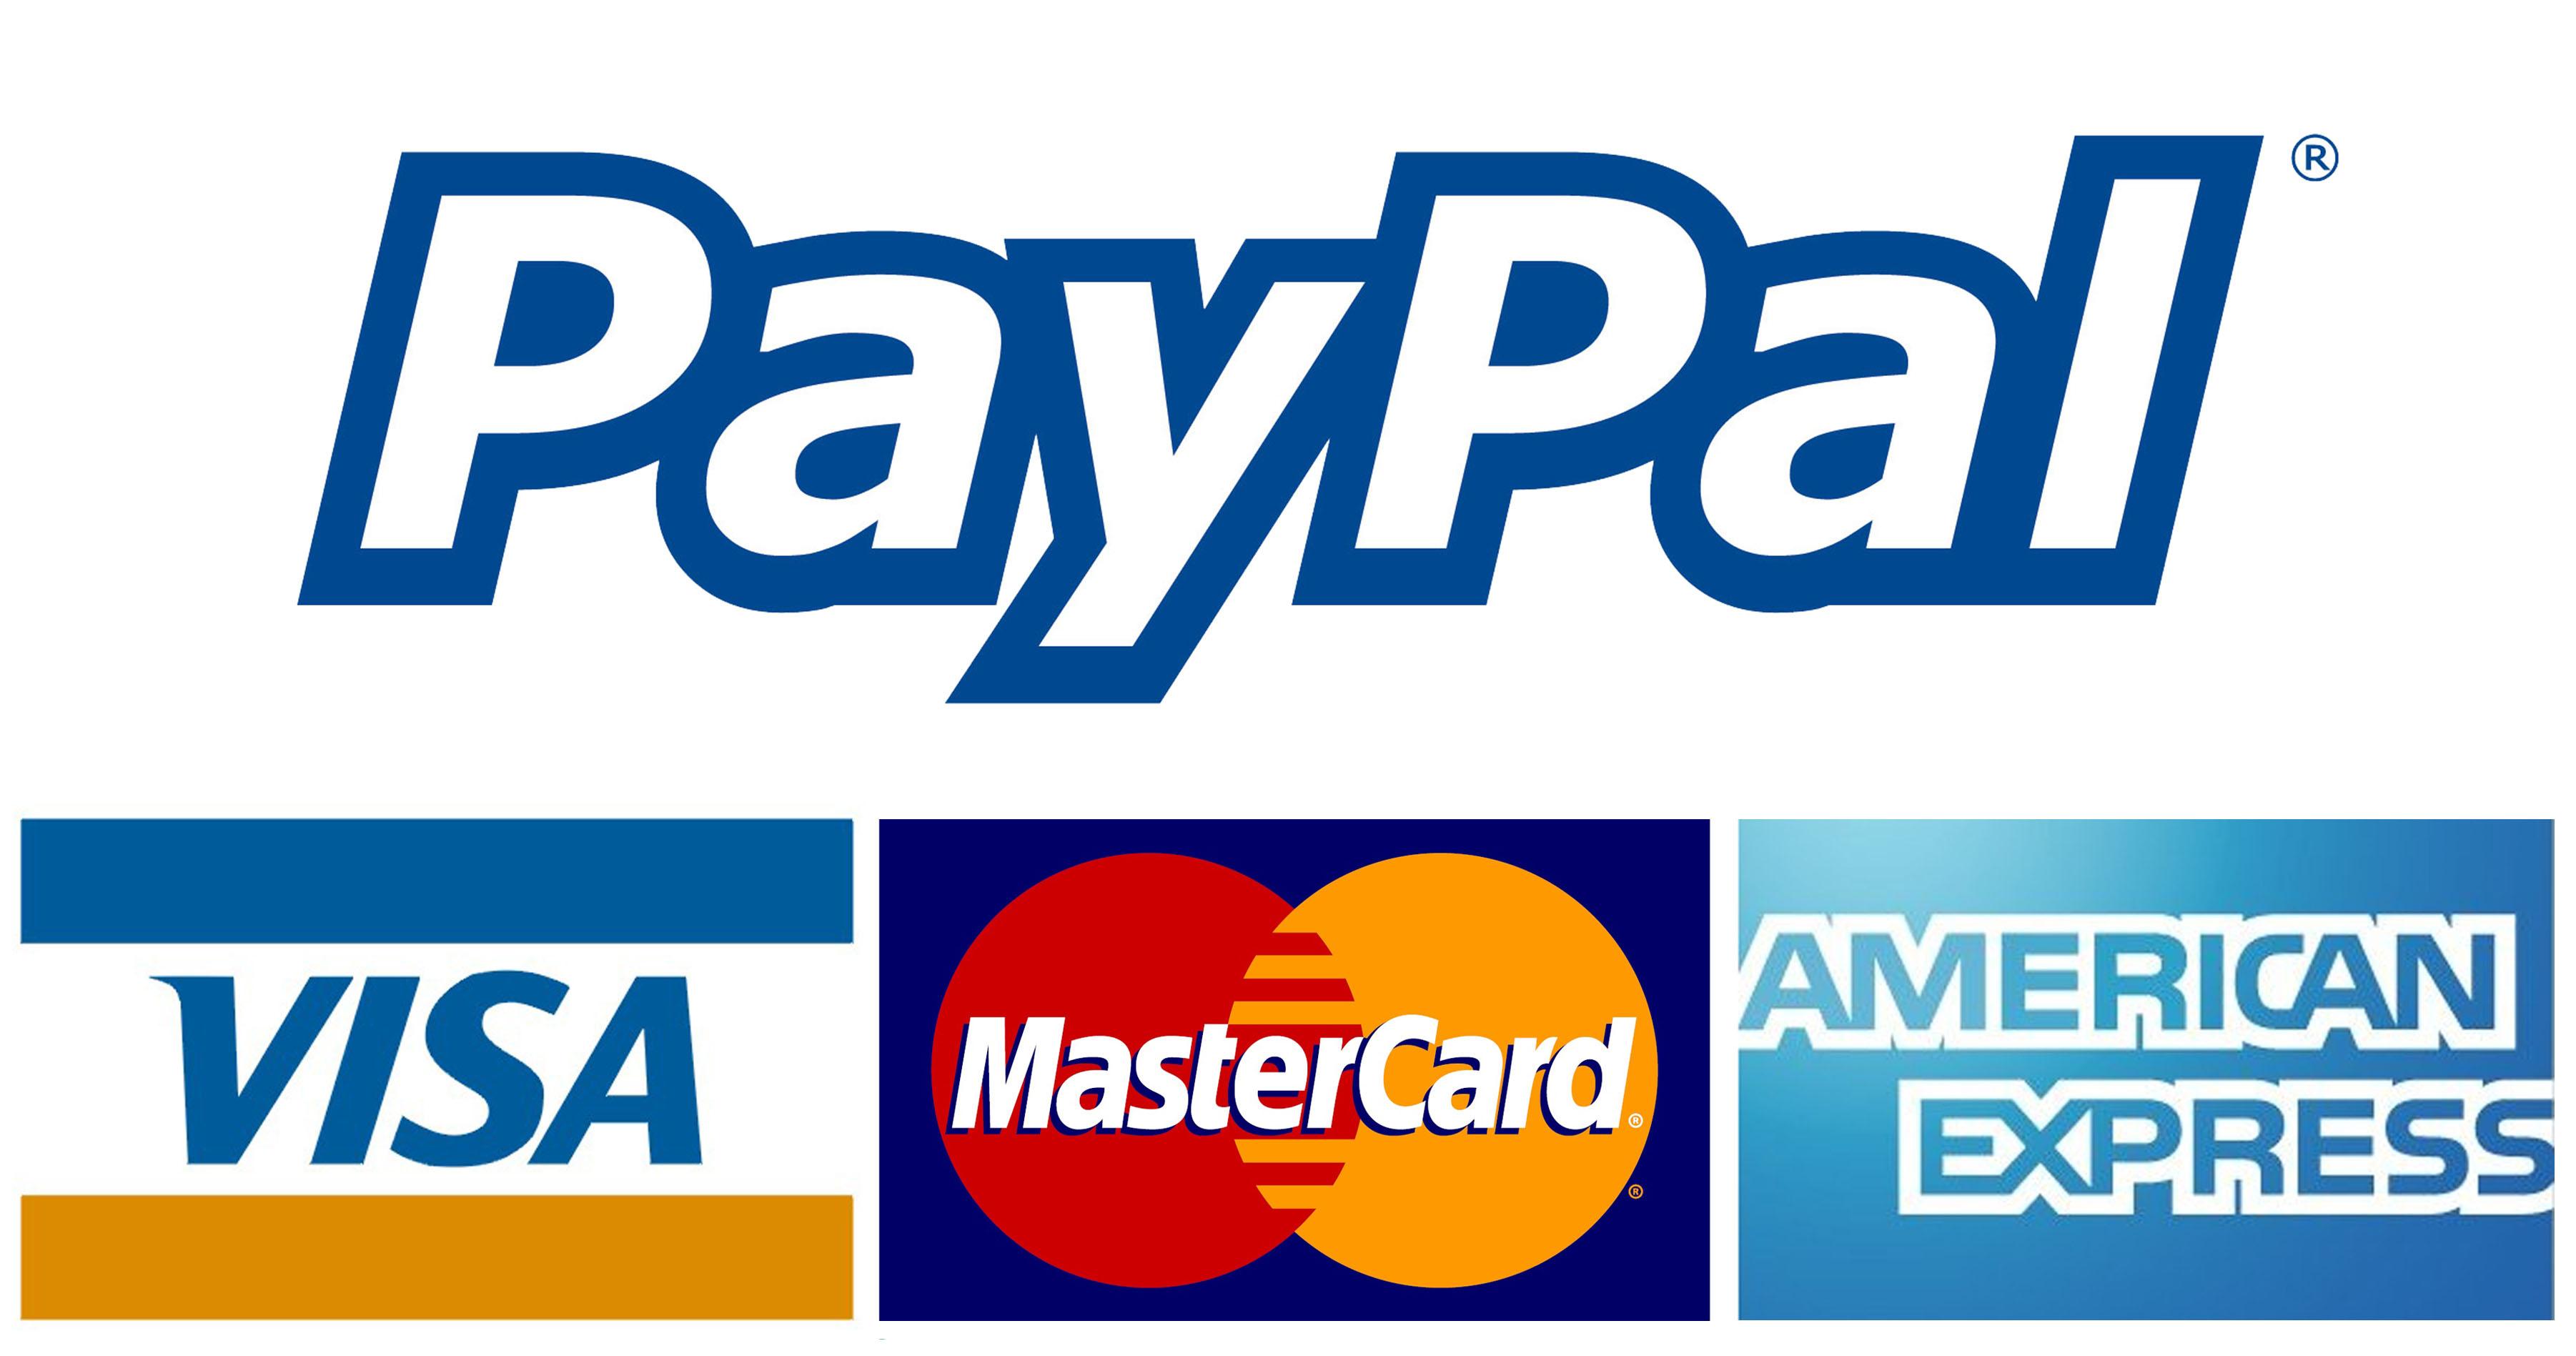 Come funziona PayPal in dettaglio? 2